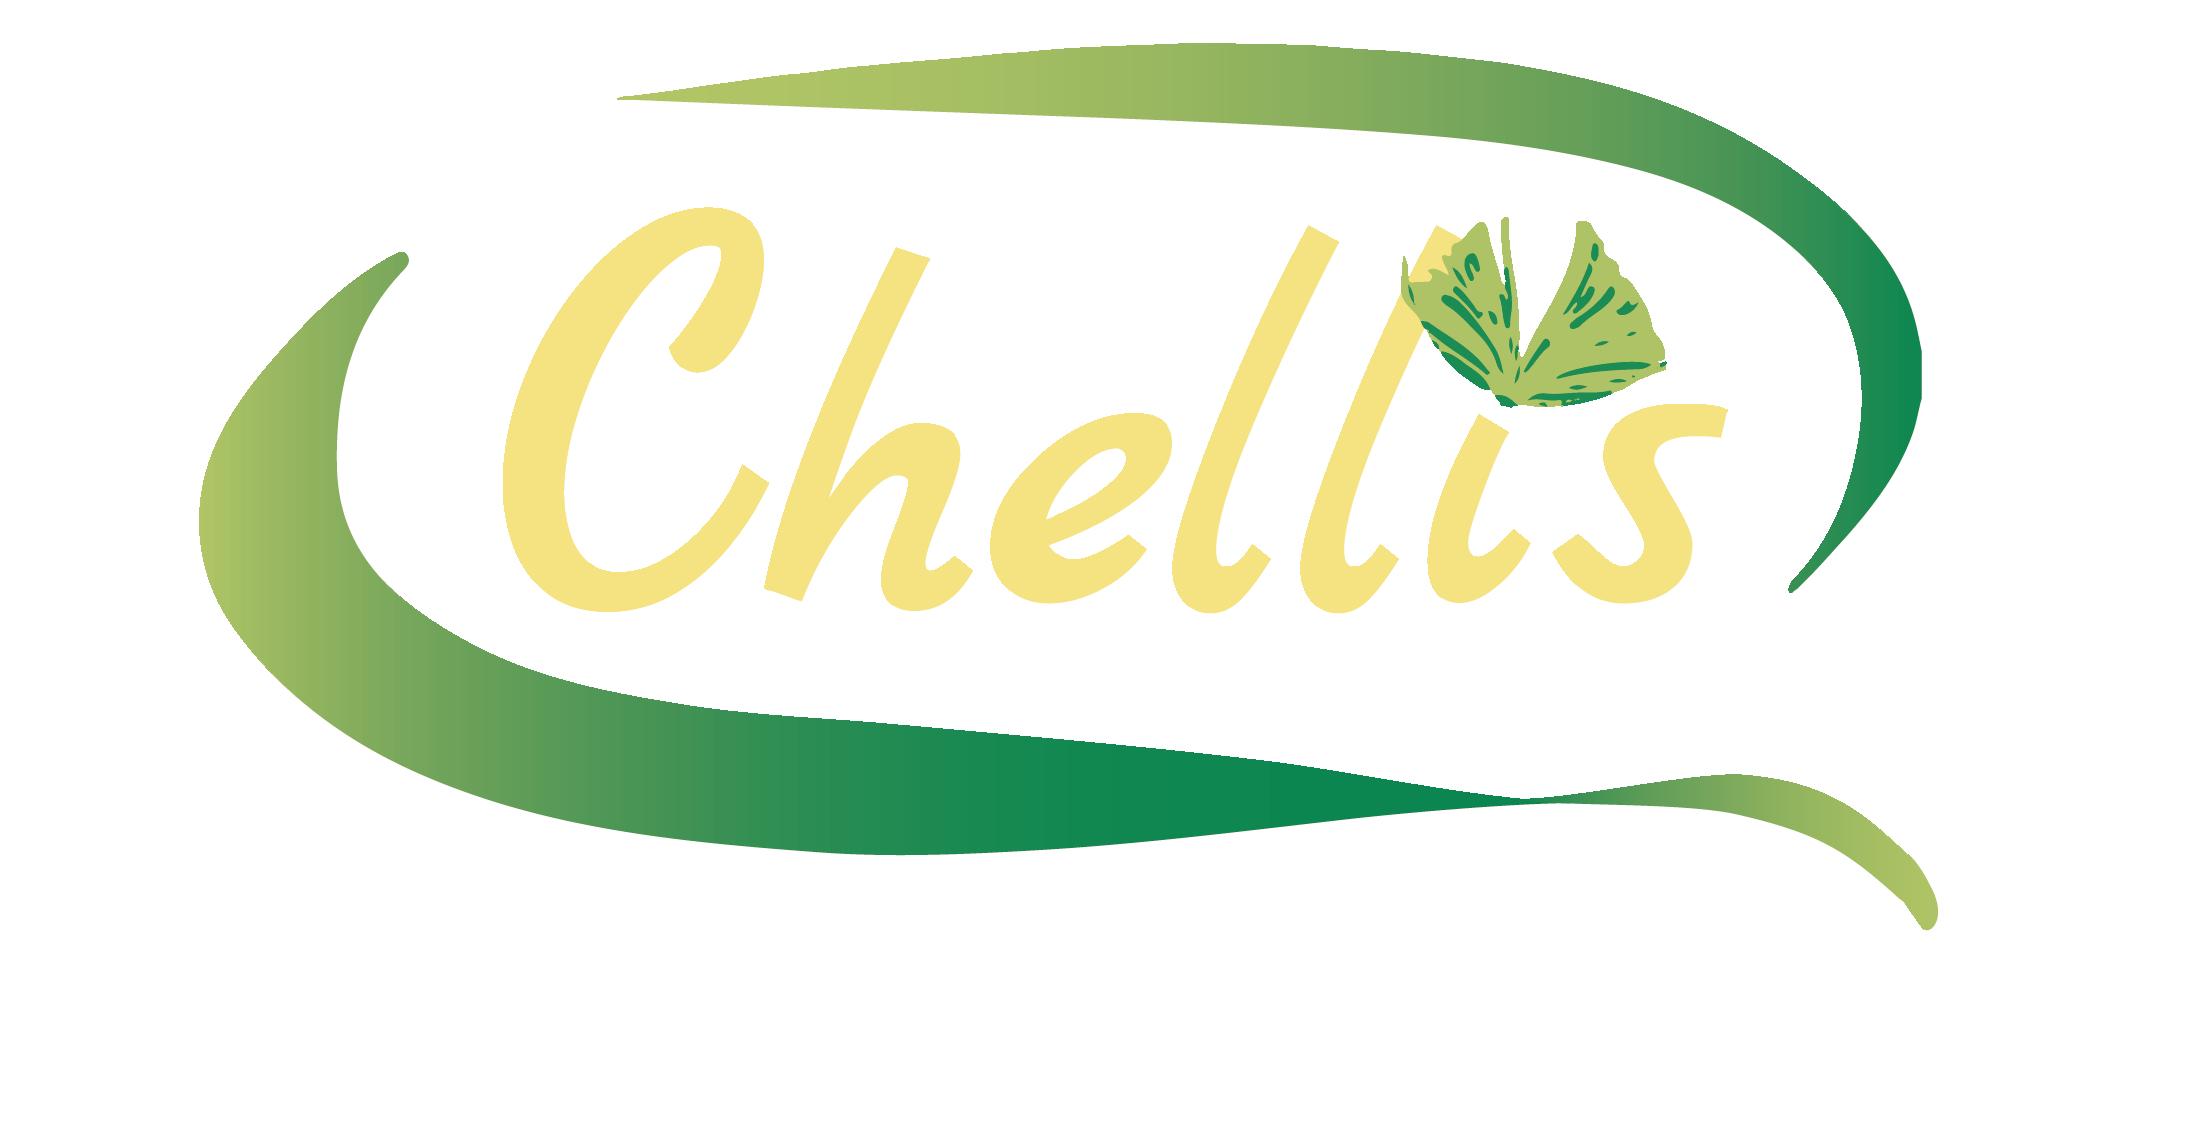 Chellis